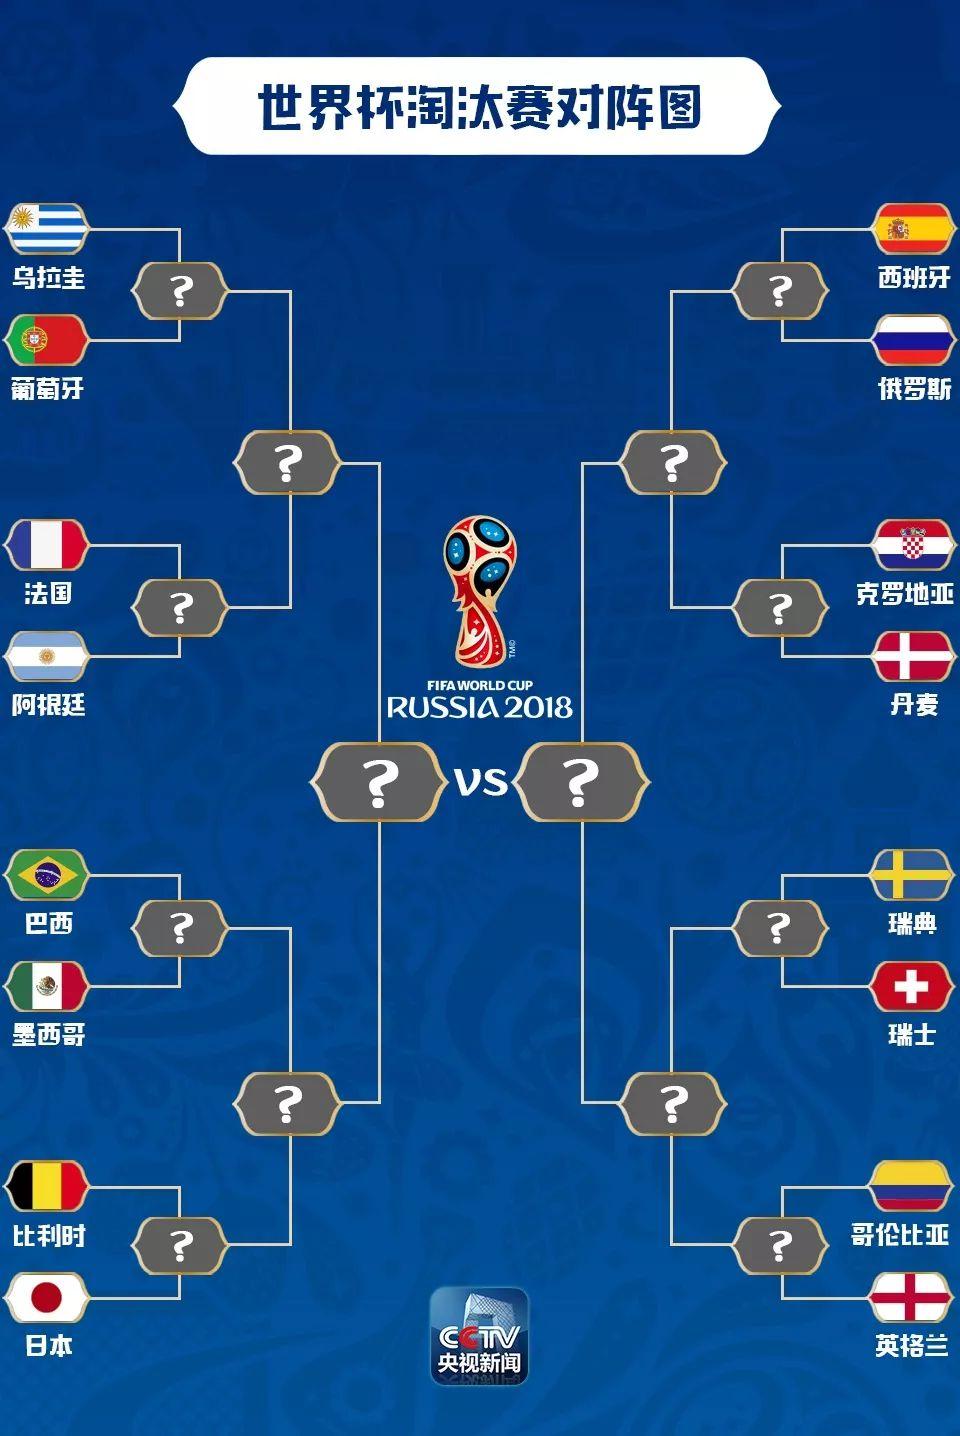 世界杯法国VS阿根廷比分预测 法国对阿根廷首发阵容历史战绩